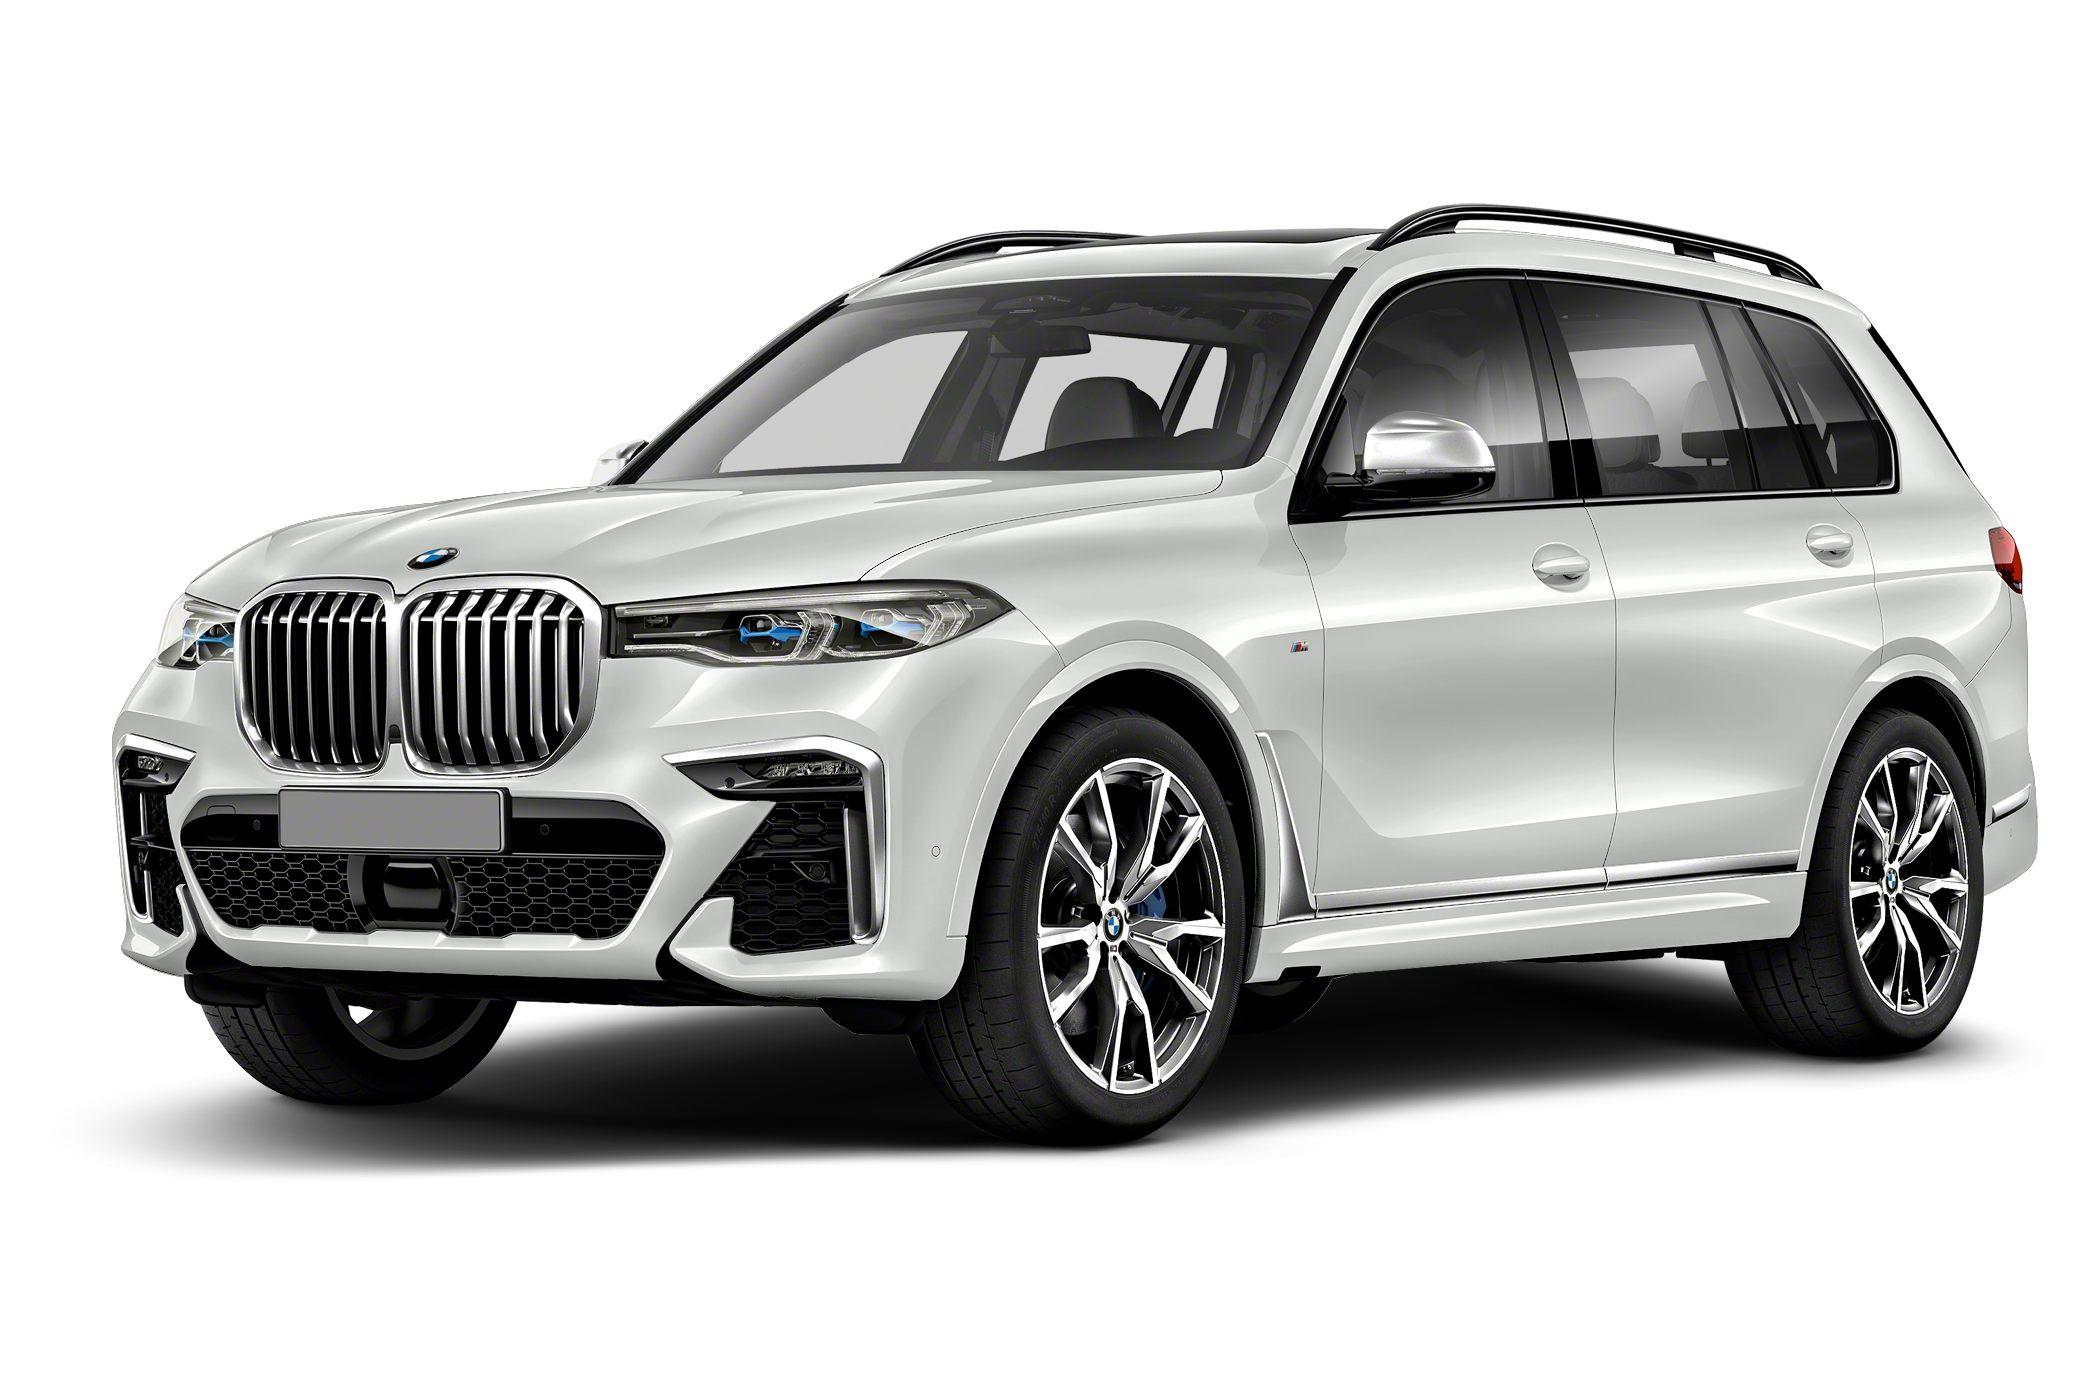 2020 Bmw X7 M50i Price